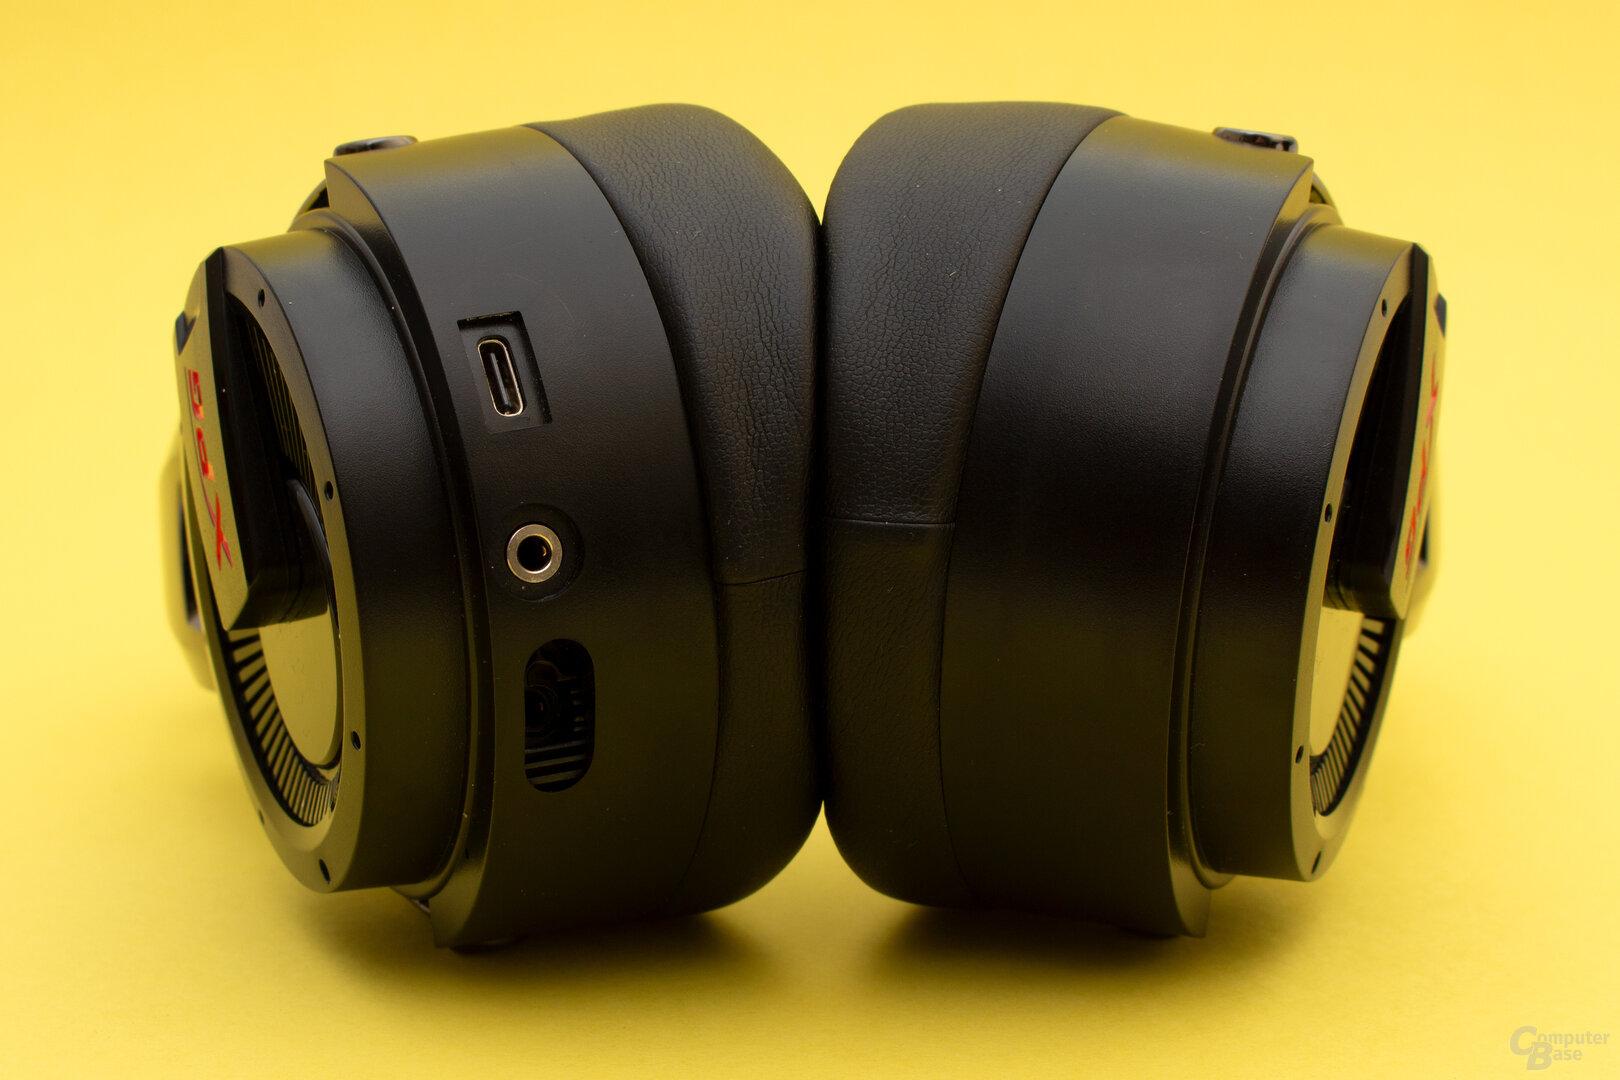 Das Headset selbst bietet keine Bedienelemente